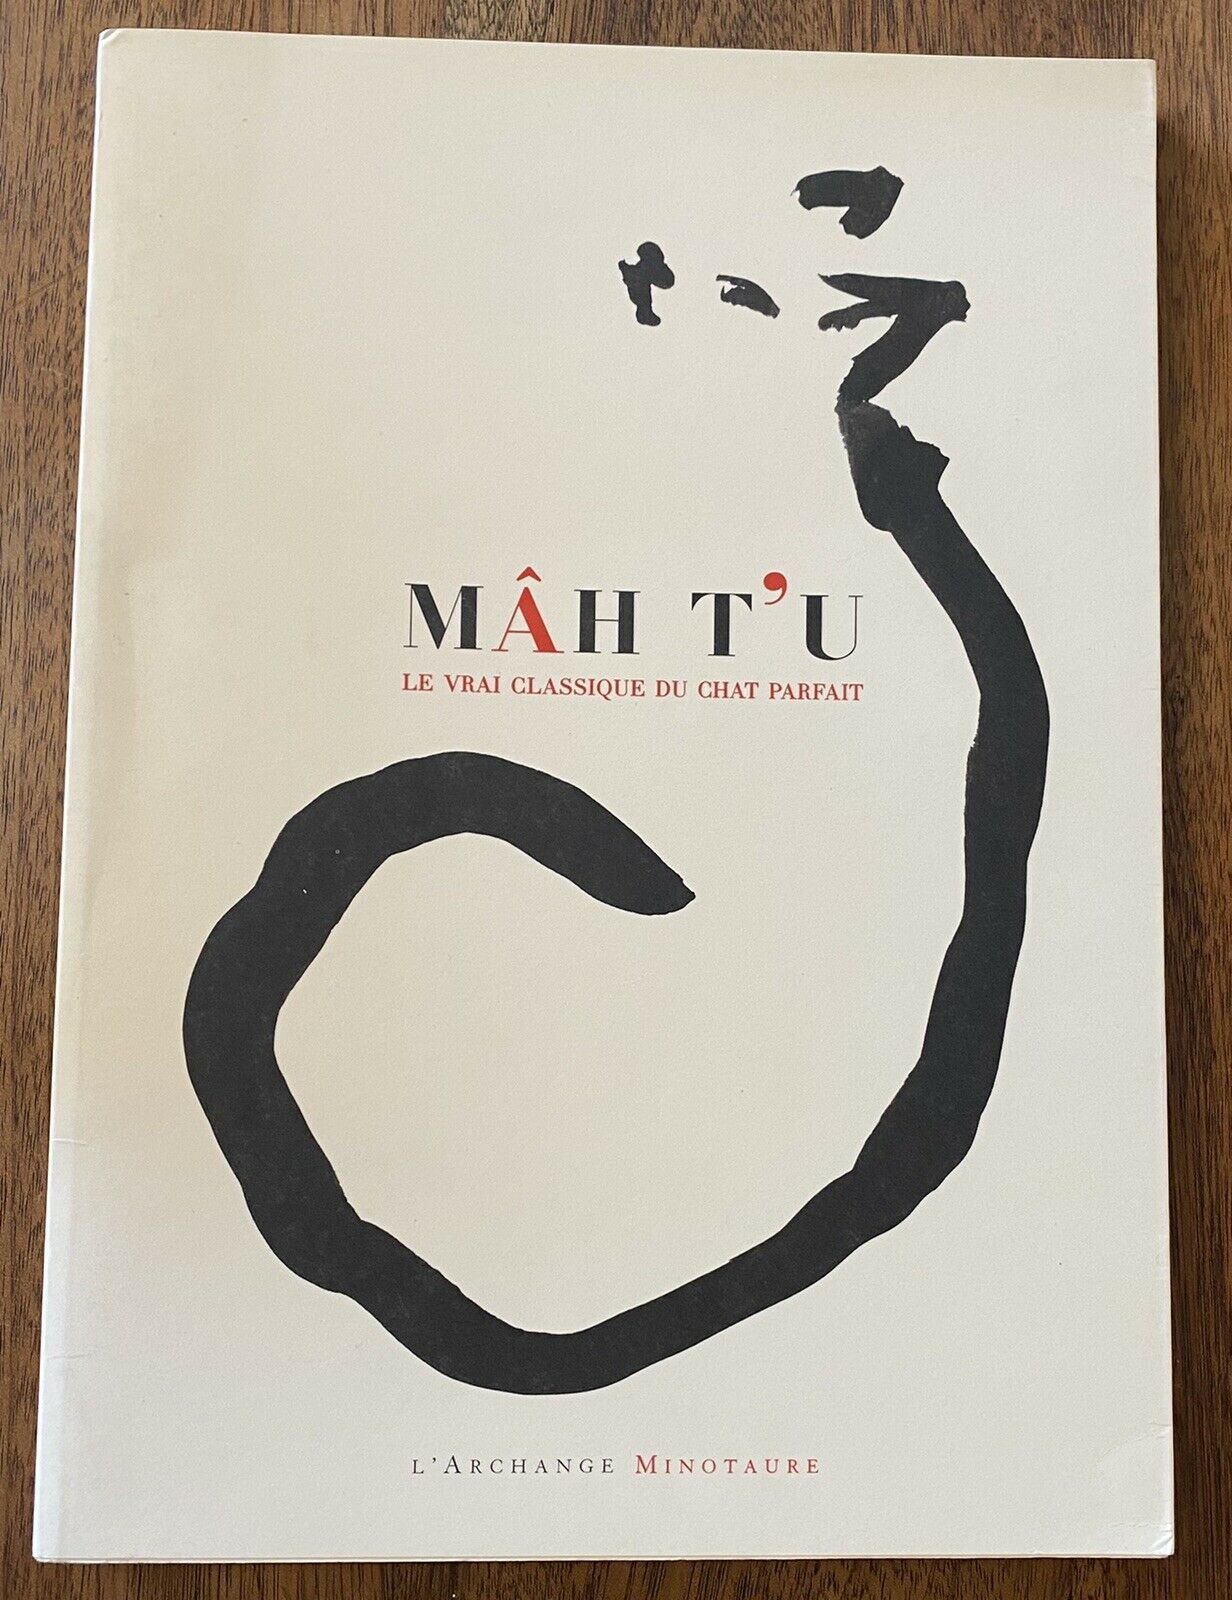 """Featured image for """"Mâh T'u le Vrai Classique du Chat Parfait / Cornu Jean-Michel"""""""